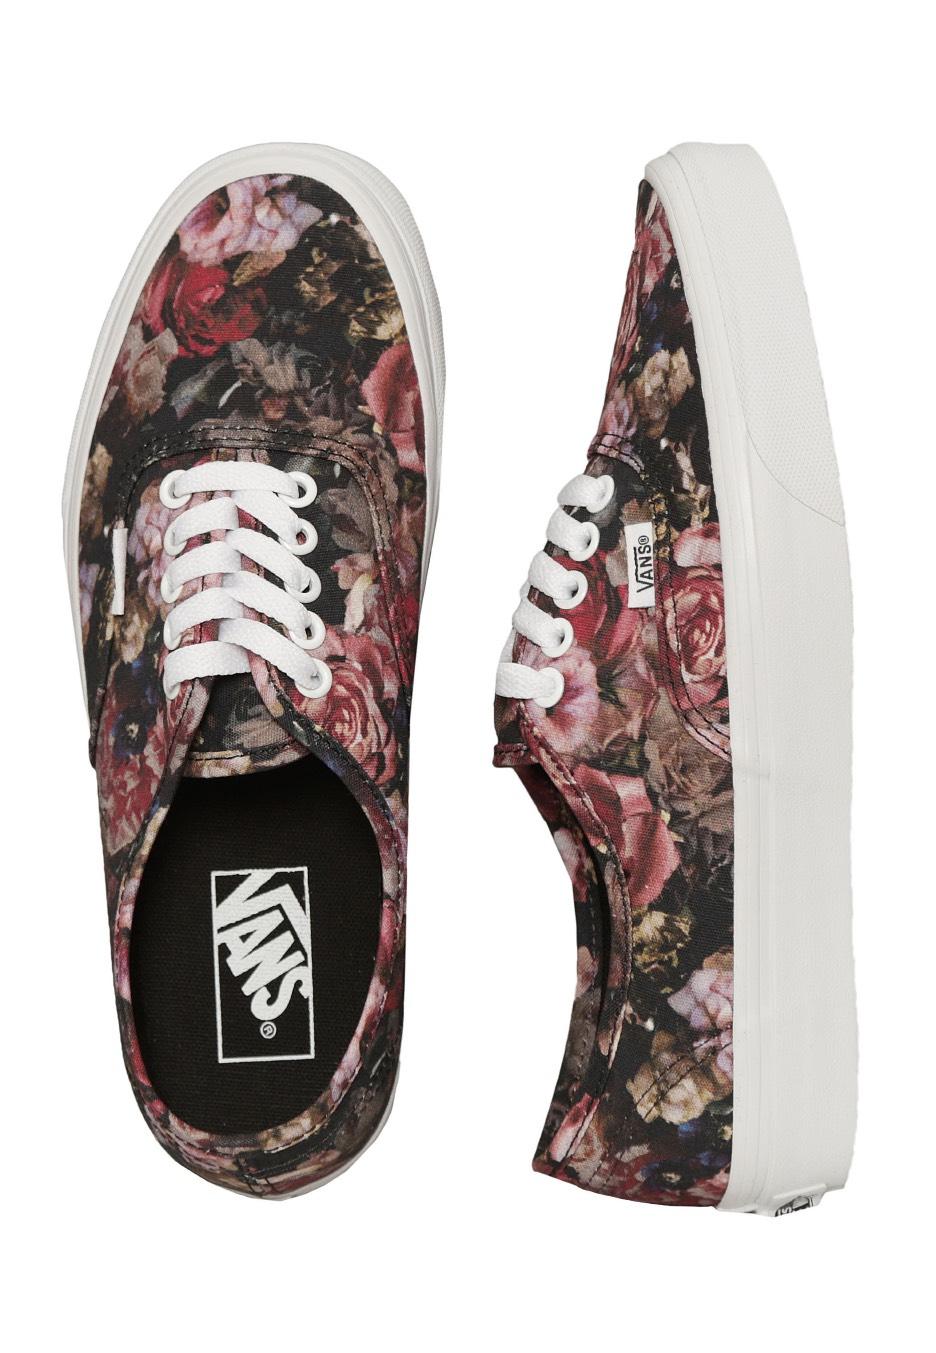 d3ad4392a3 Vans - Authentic Moody Floral Black True White - Női cipők ...